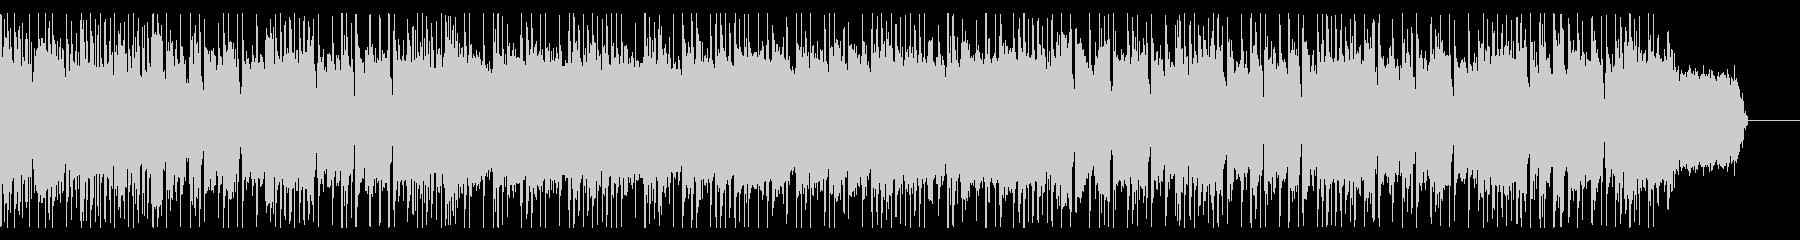 ドラムで始まるオーソドックスなロックの未再生の波形